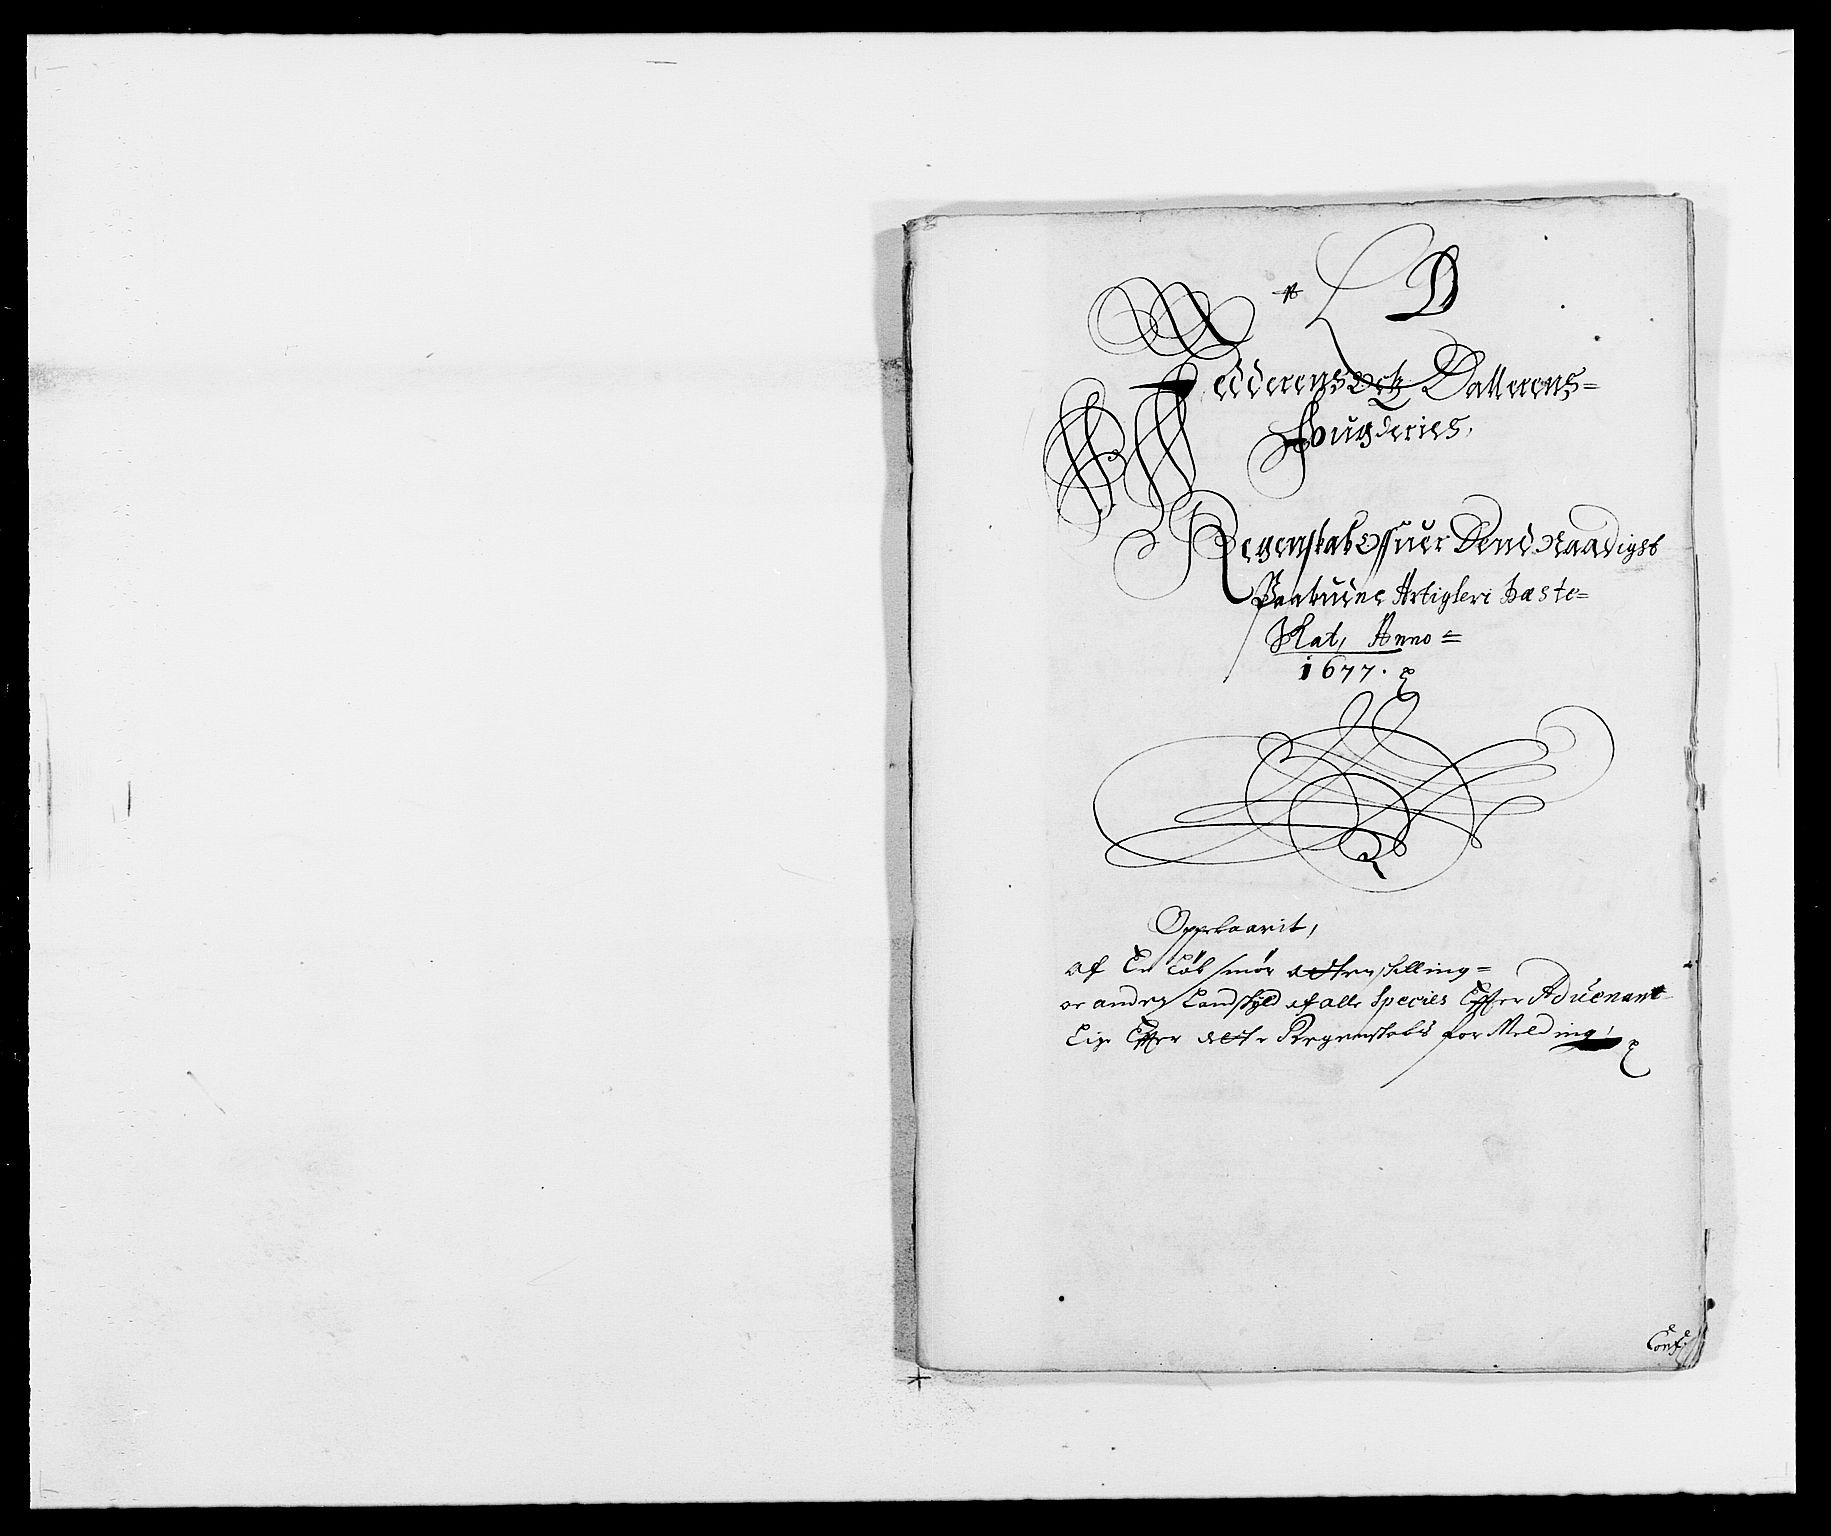 RA, Rentekammeret inntil 1814, Reviderte regnskaper, Fogderegnskap, R46/L2717: Fogderegnskap Jæren og Dalane, 1677, s. 105